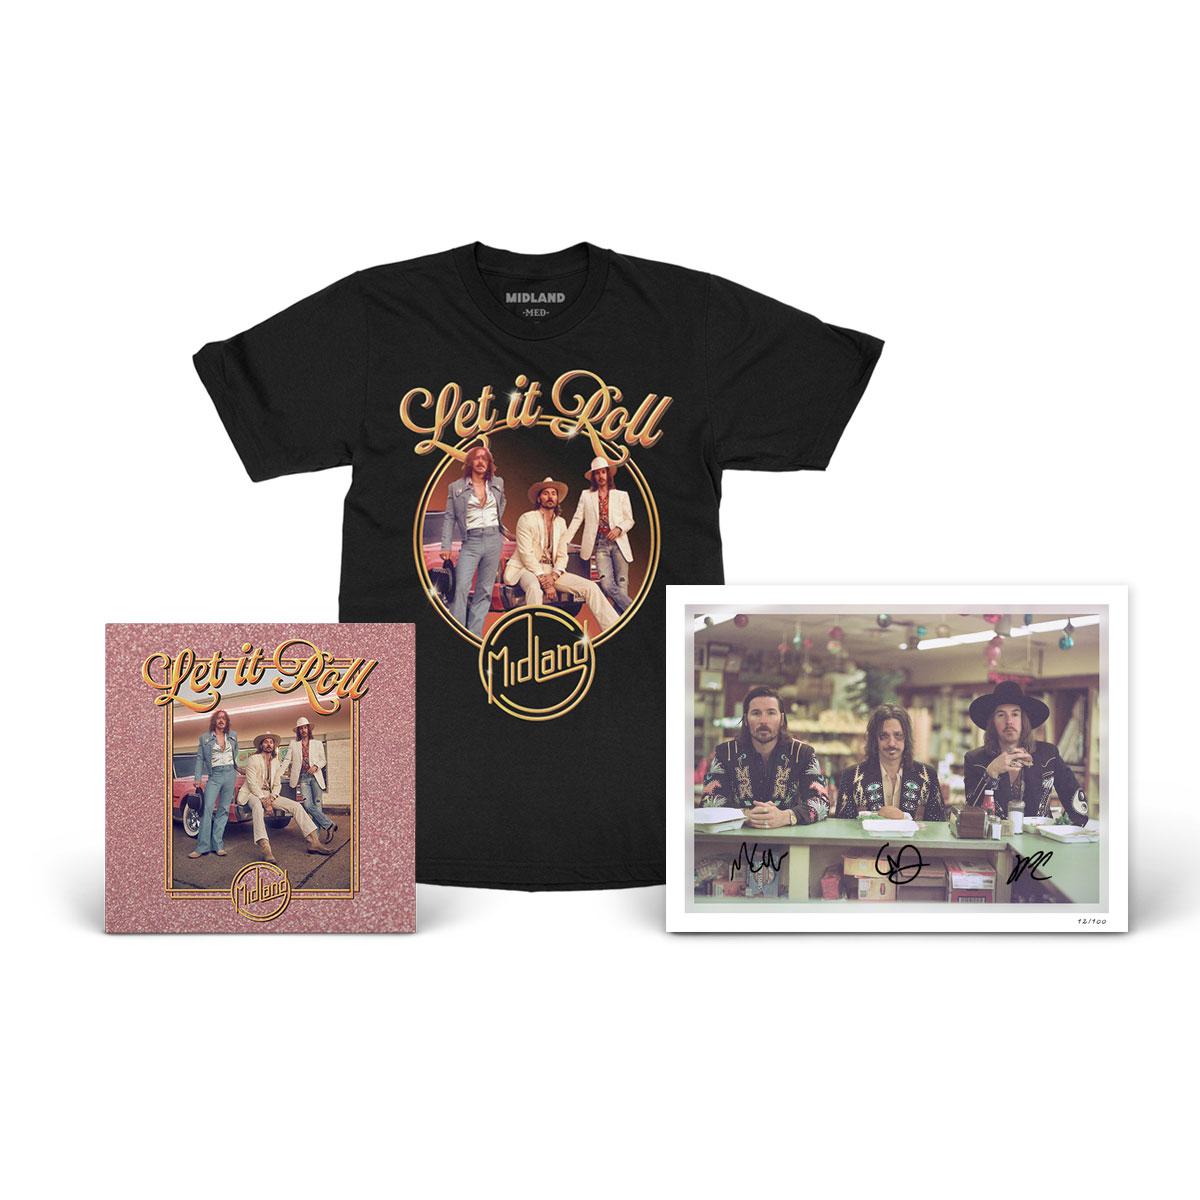 Let It Roll Album, Signed Lithograph, & T-Shirt Bundle